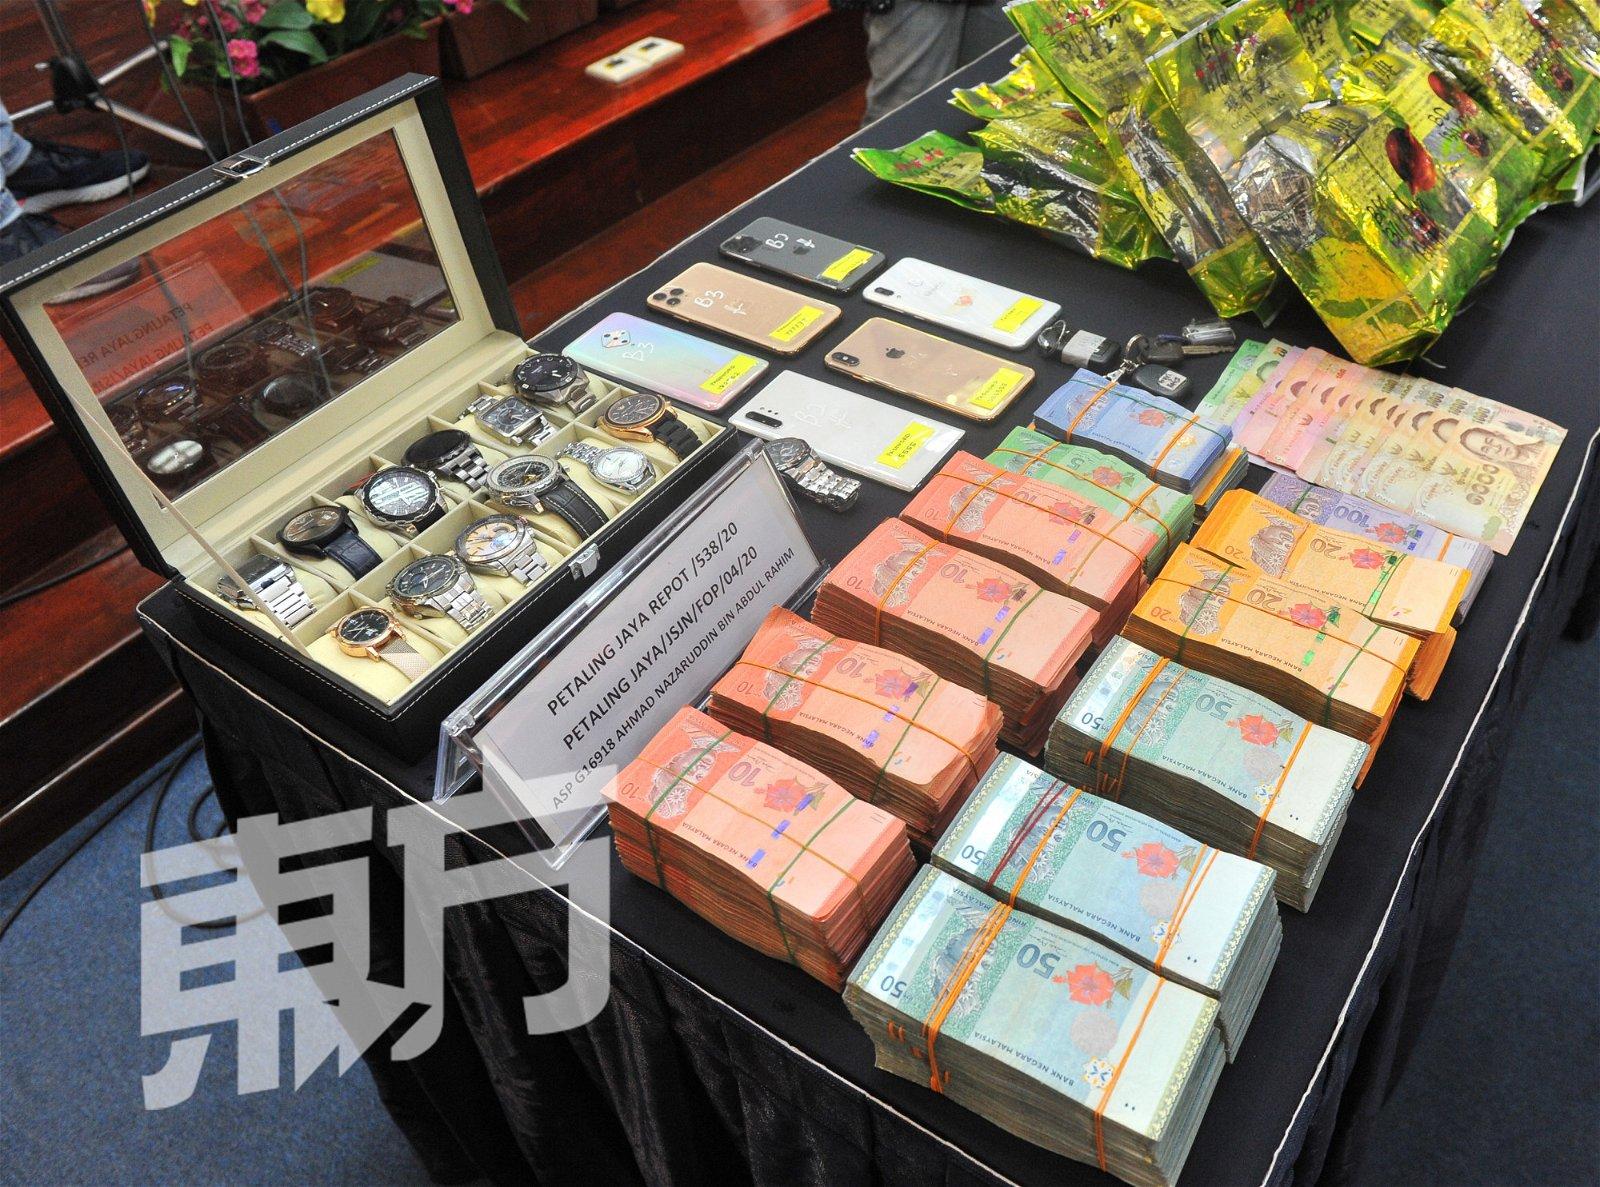 警方在行动中充公一批手表及逾10万令吉现金。(摄影:邱继贤)